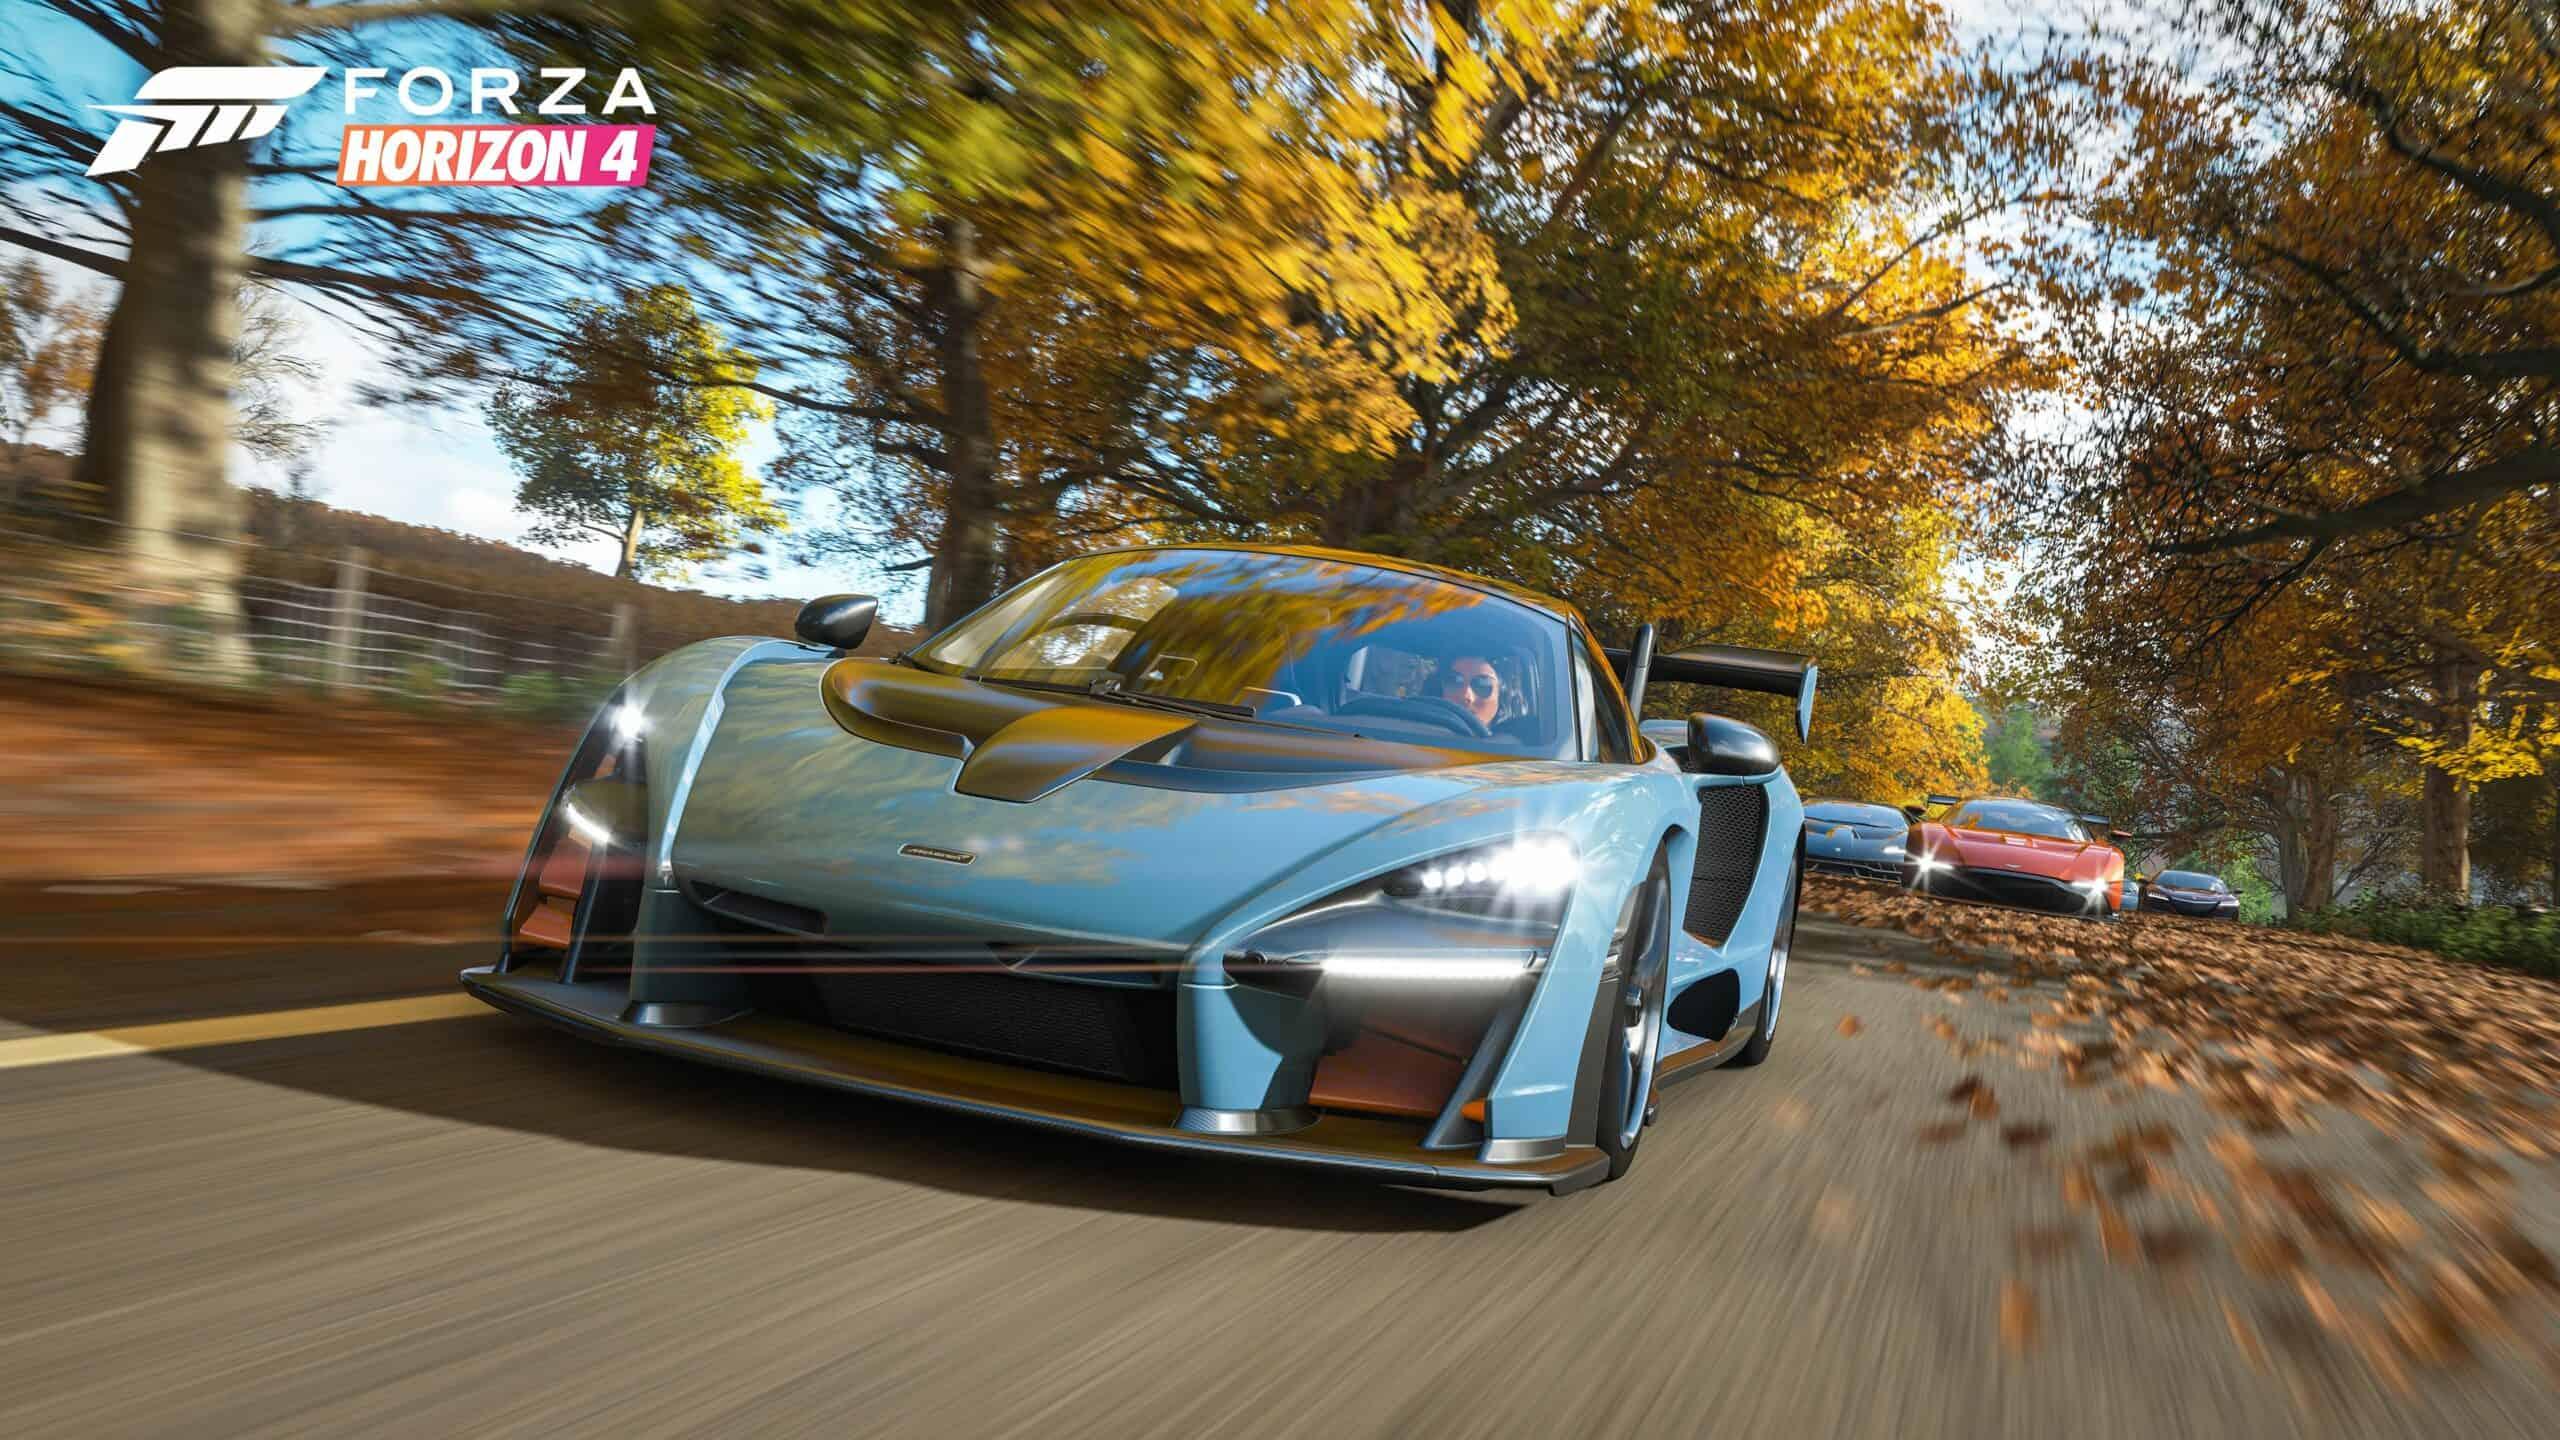 Best Racing Games - Forza Horizon 4